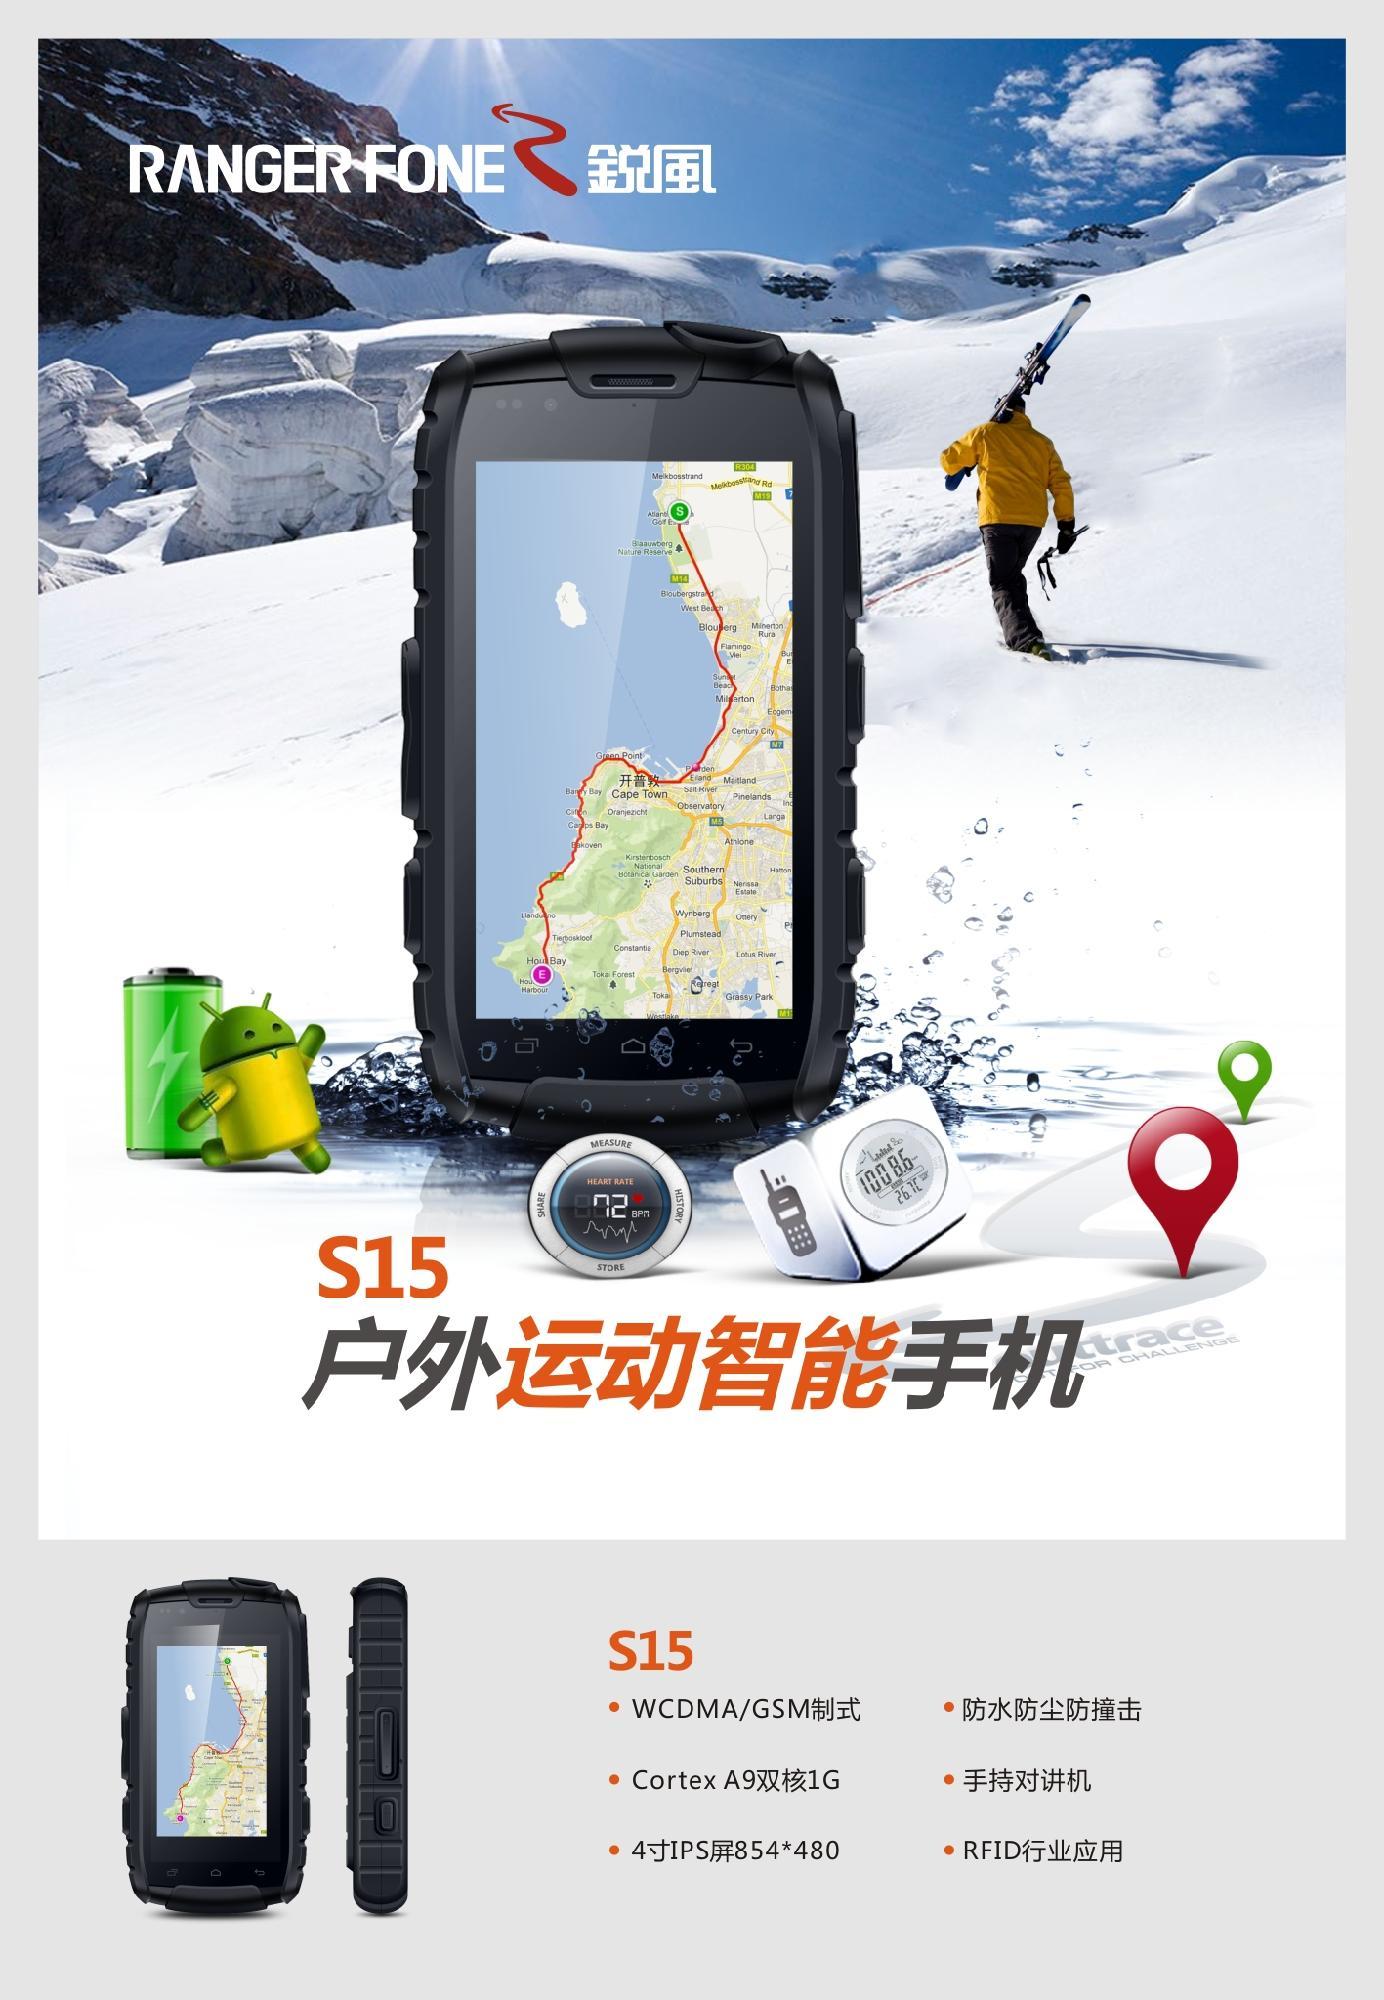 全部版本 最新版本  内置多功能传感器,指南针,气压计,温度计,海拔计图片